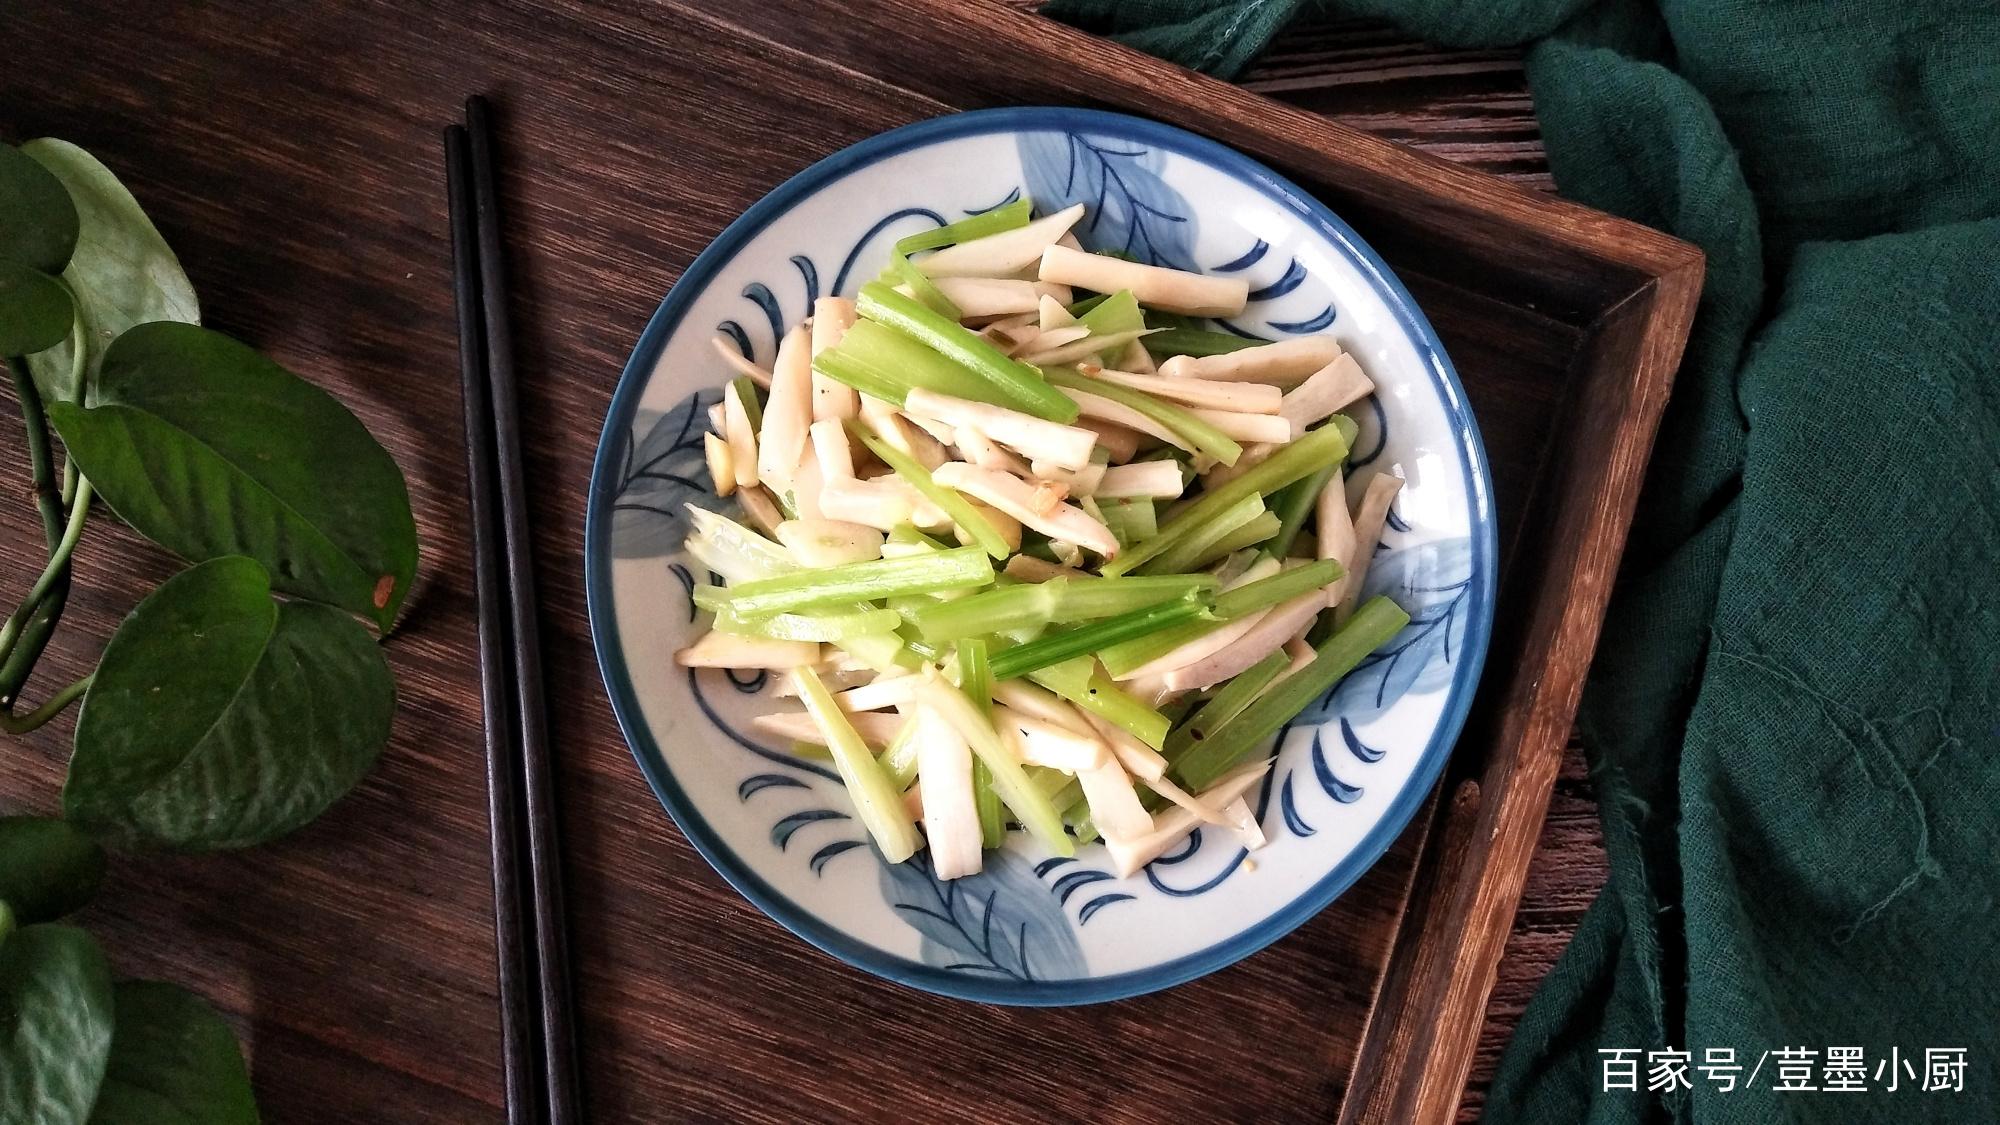 芹菜和它一起炒,营养味美,闺蜜用它代替晚餐,包子脸瘦成瓜子脸